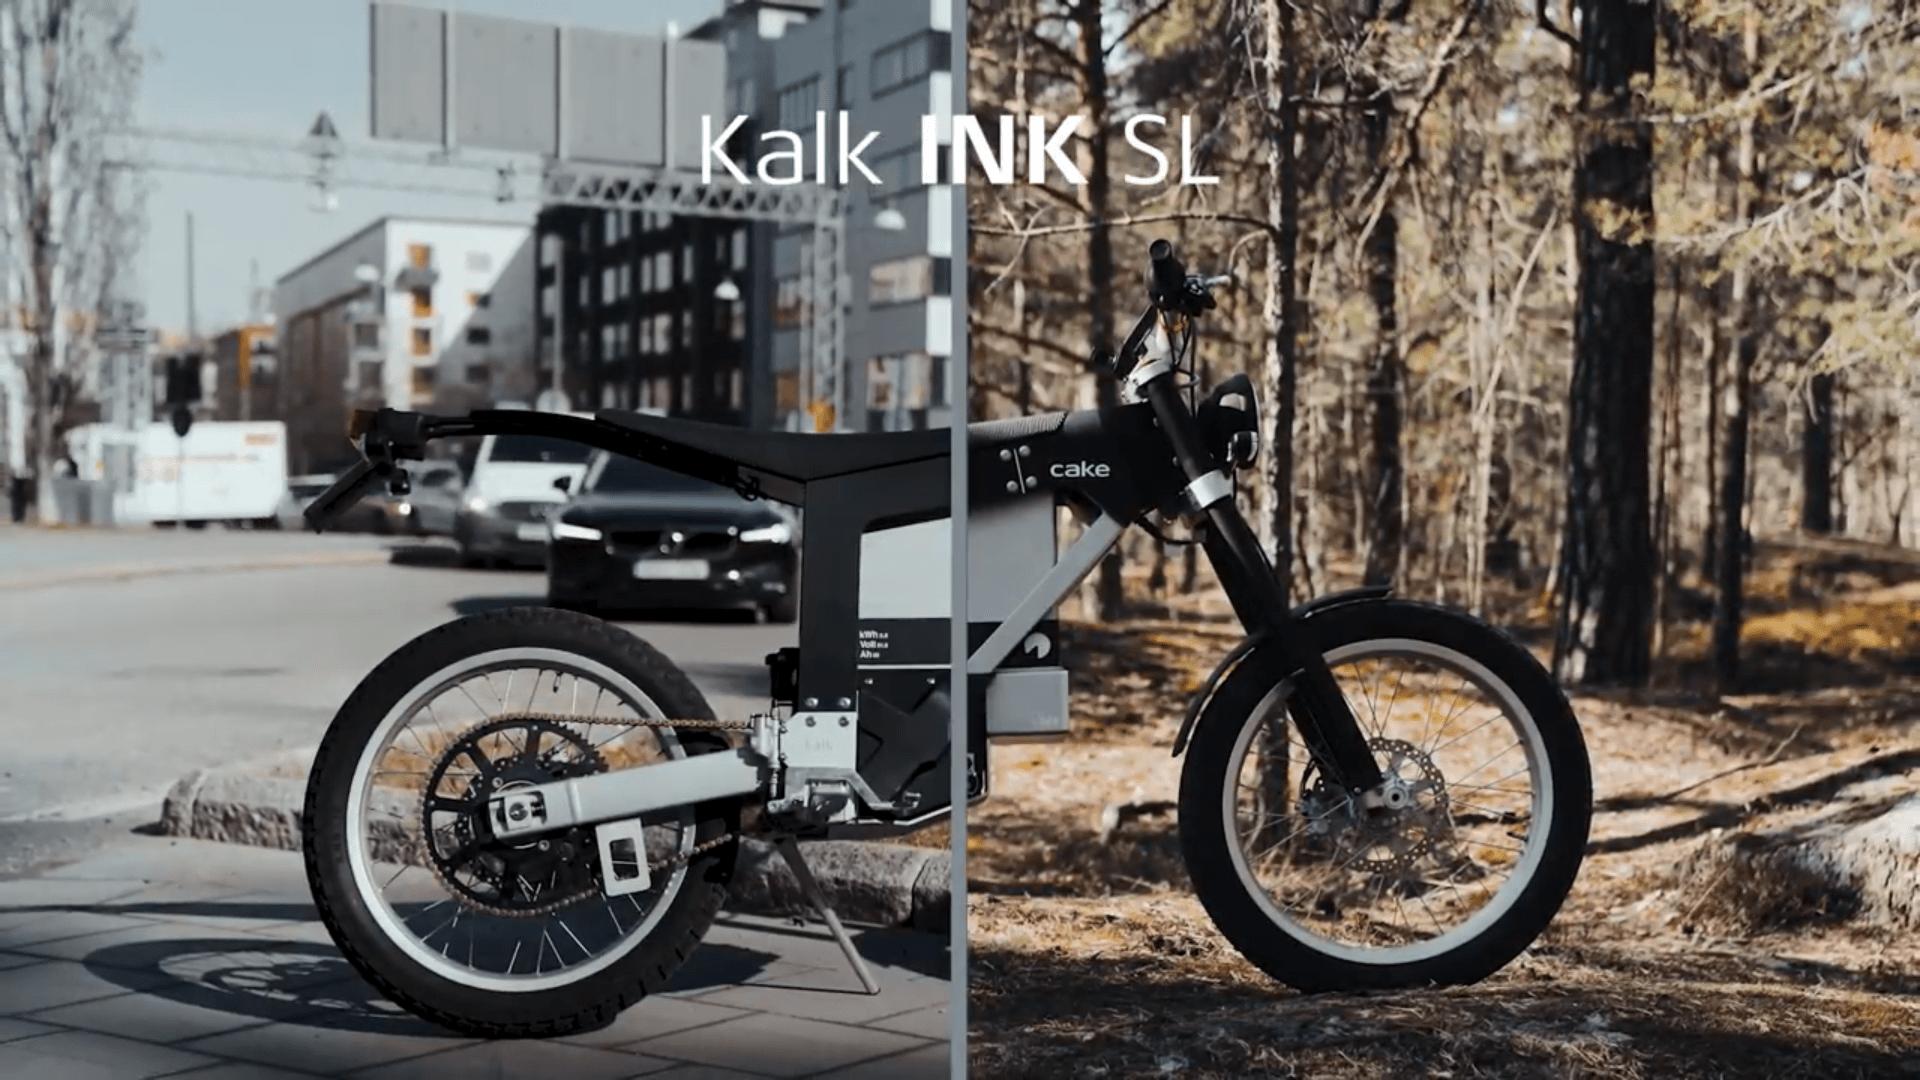 Kalk INK SL : cette copie conforme de la moto électrique Kalk& se veut bien moins chère